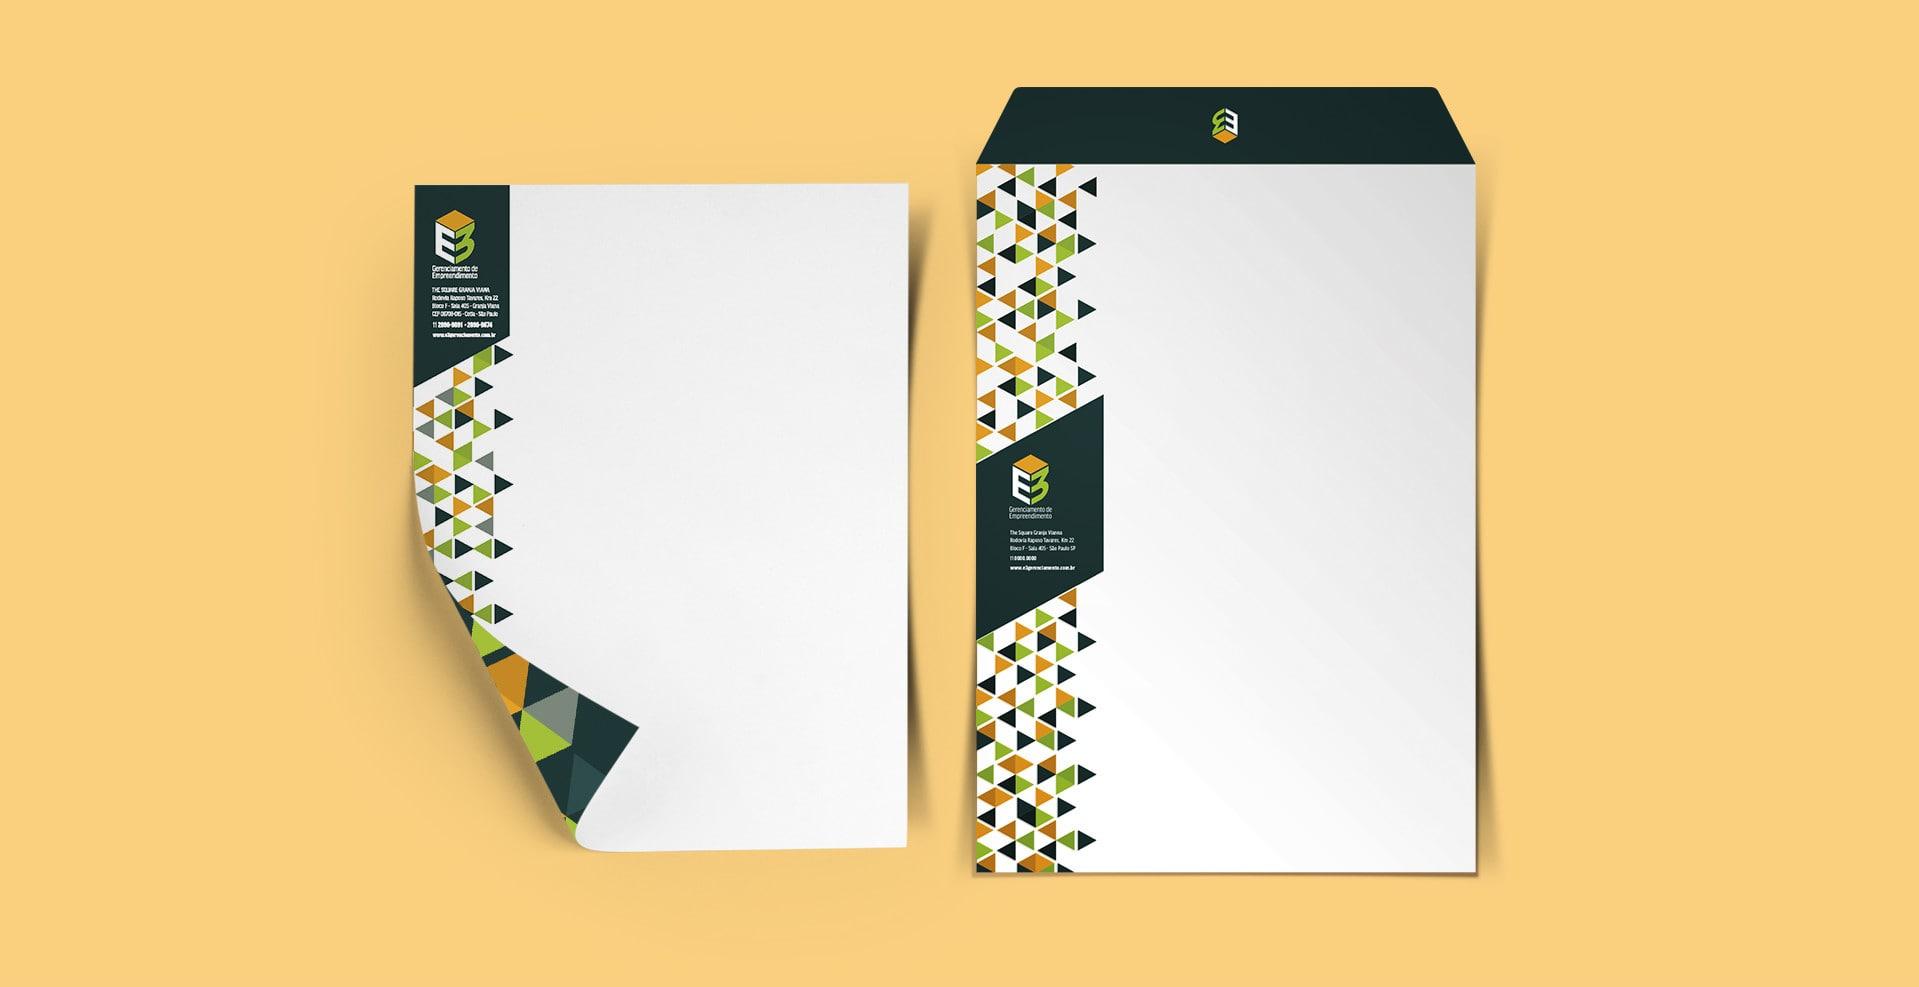 papel envelope E3 Gerenciamento